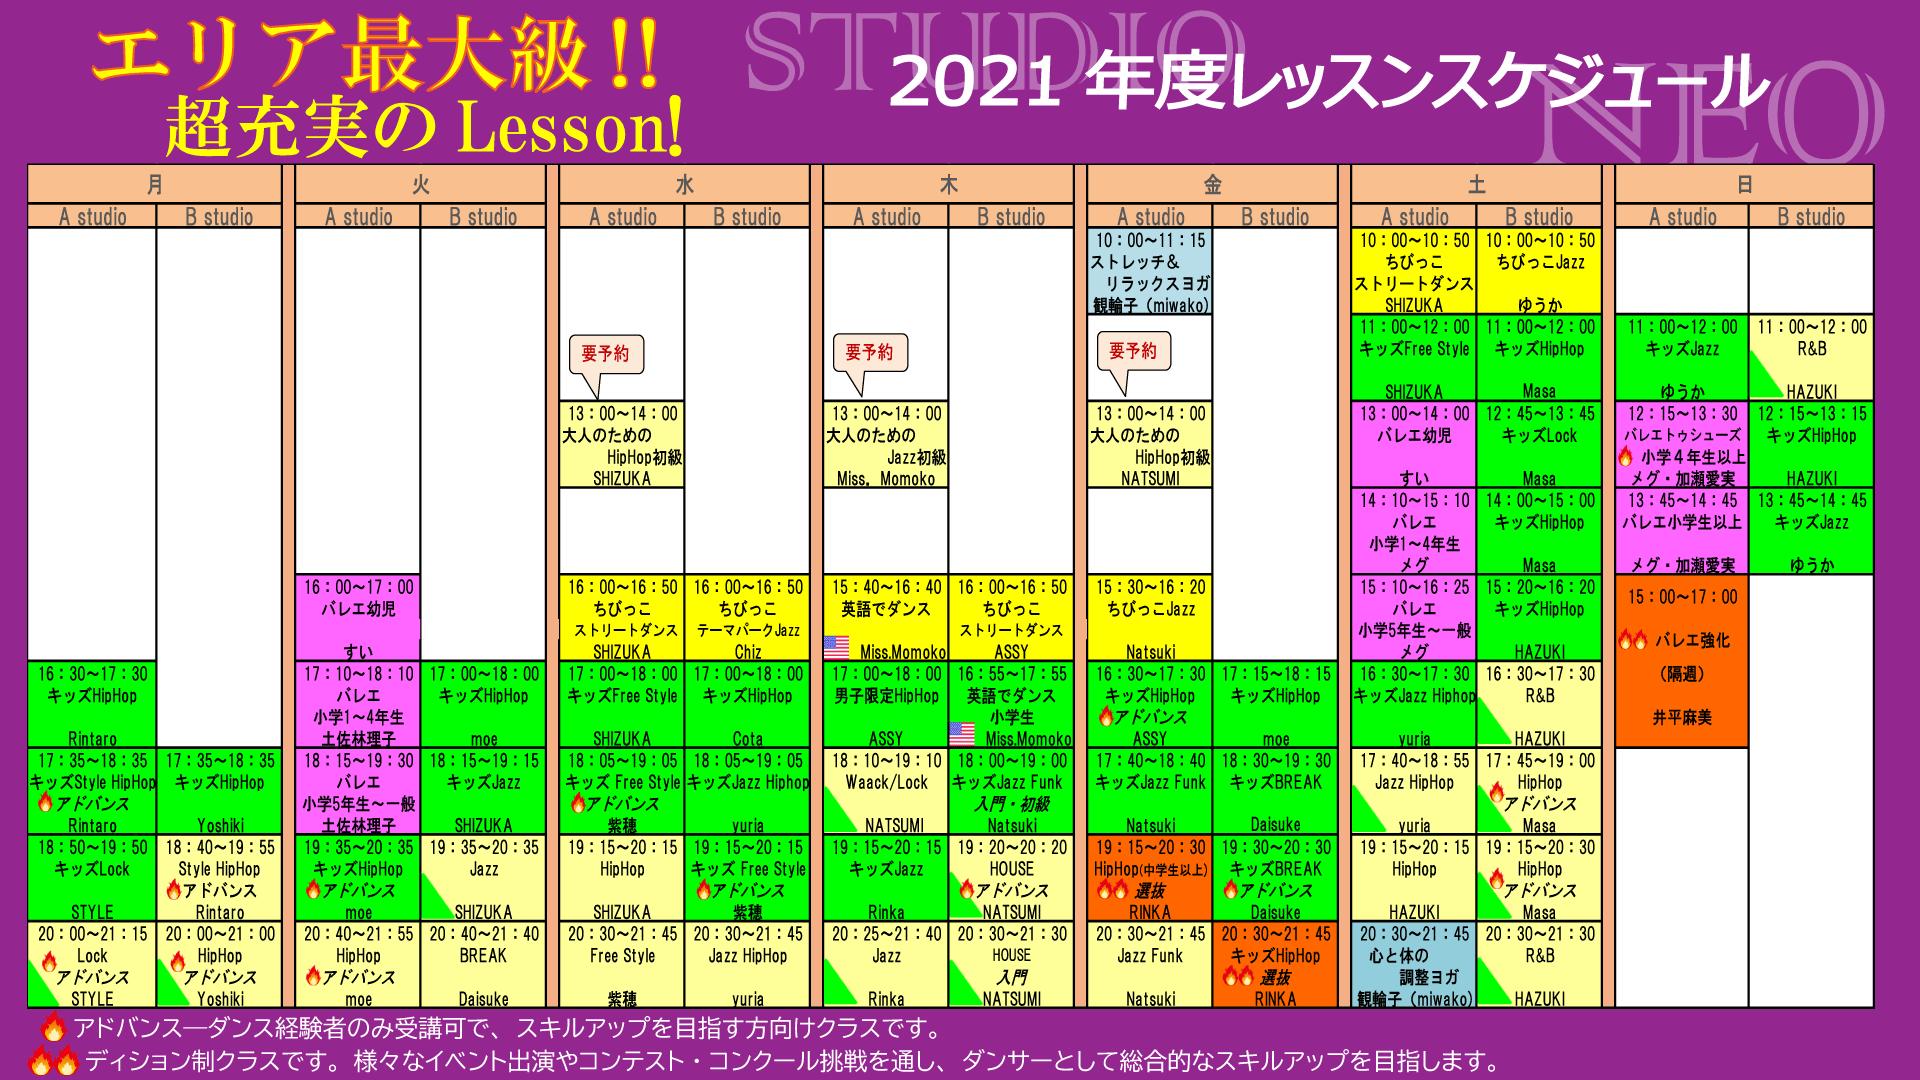 2021年度レッスンスケジュール.png